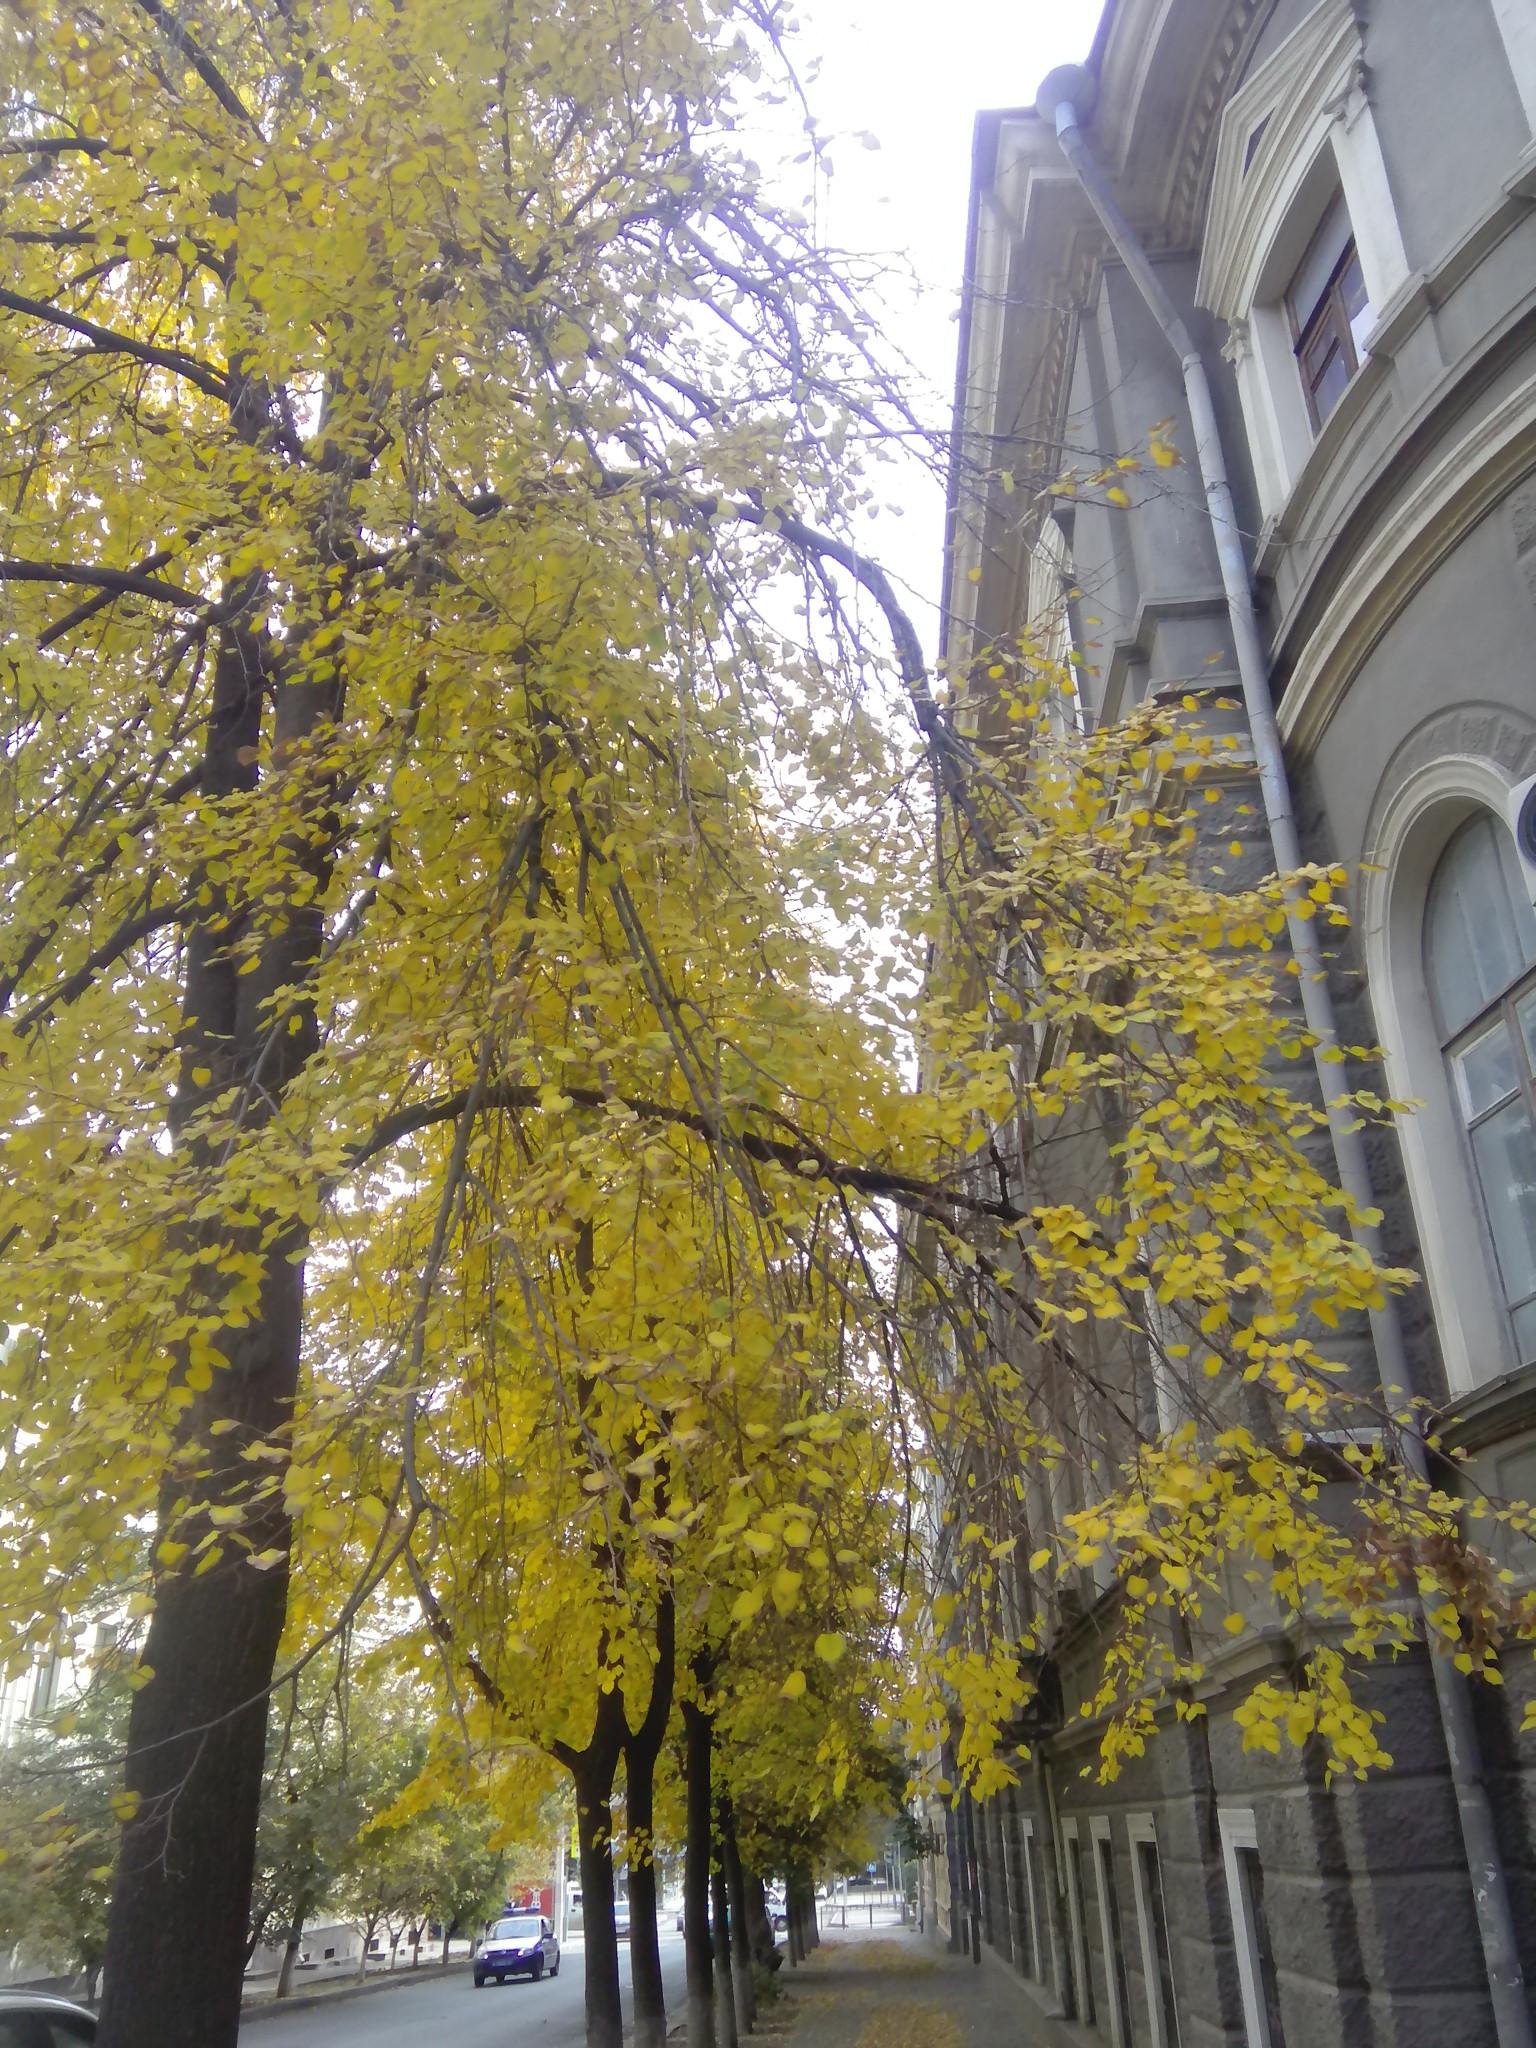 Жёлтенькое дерево, а рядом серый дом! :). Блиц: осенний пейзаж